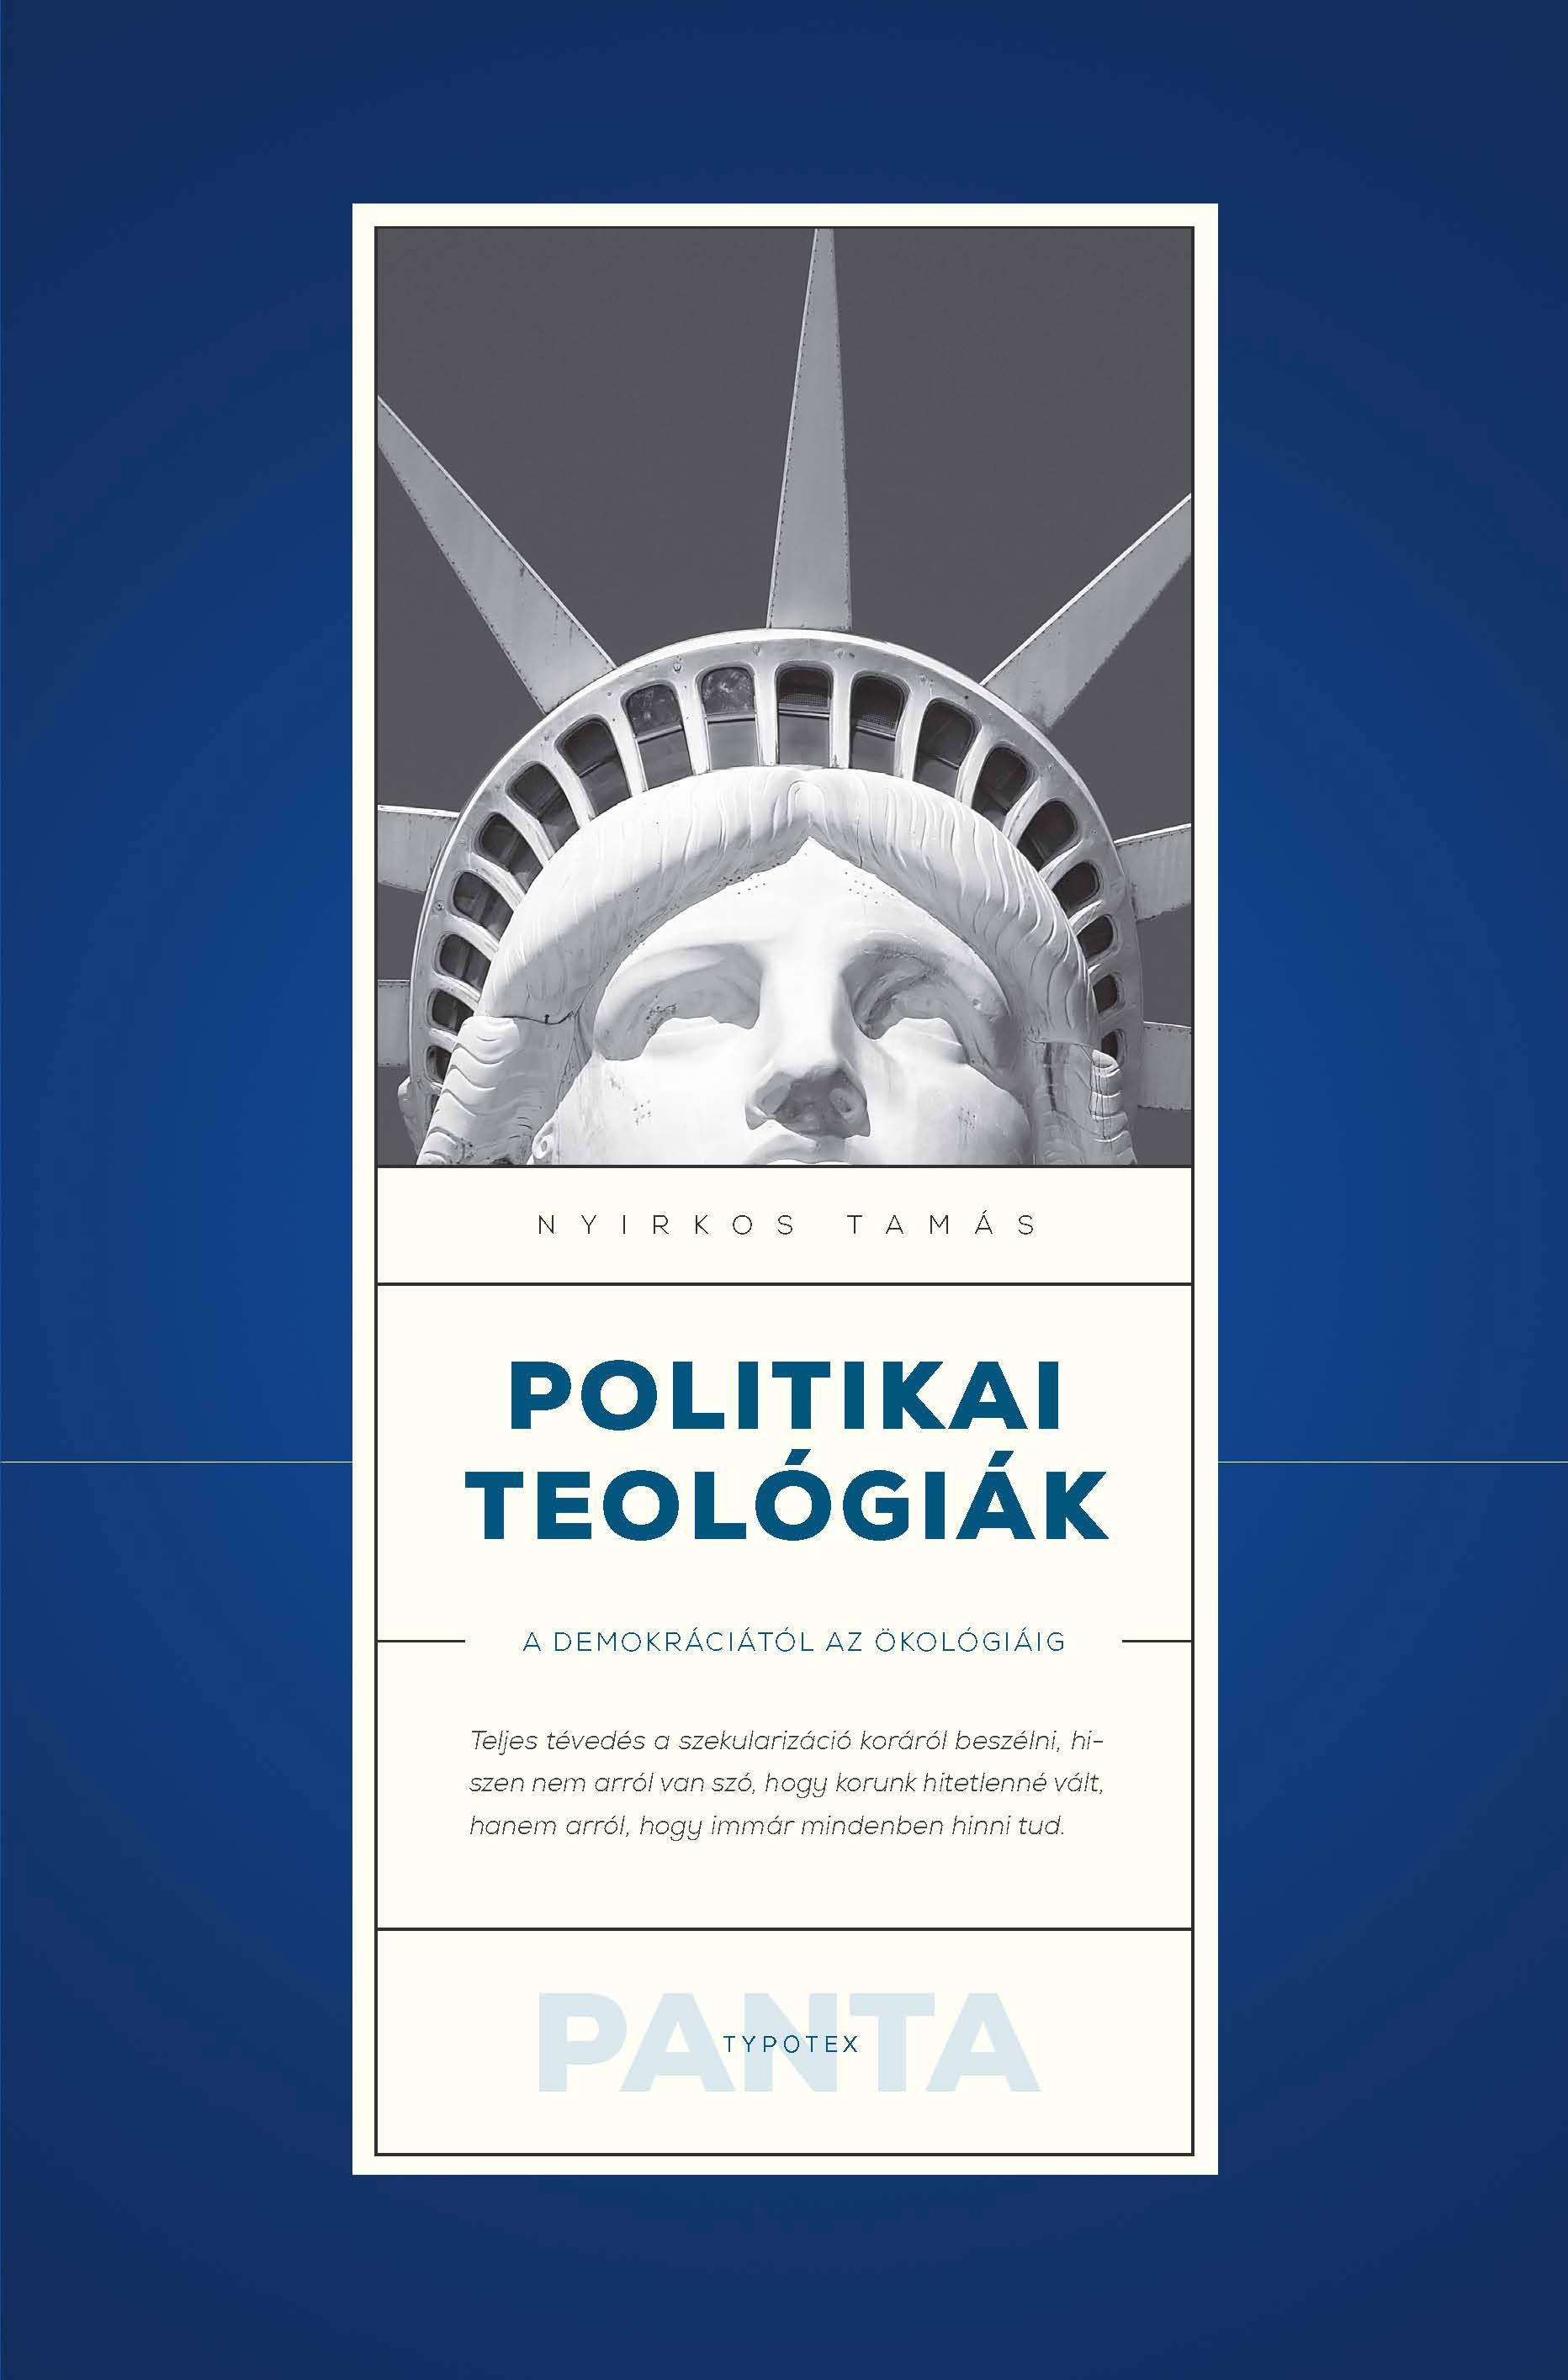 POLITIKAI TEOLÓGIÁK - A DEMOKRÁCIÁTÓL AZ ÖKOLÓGIÁIG